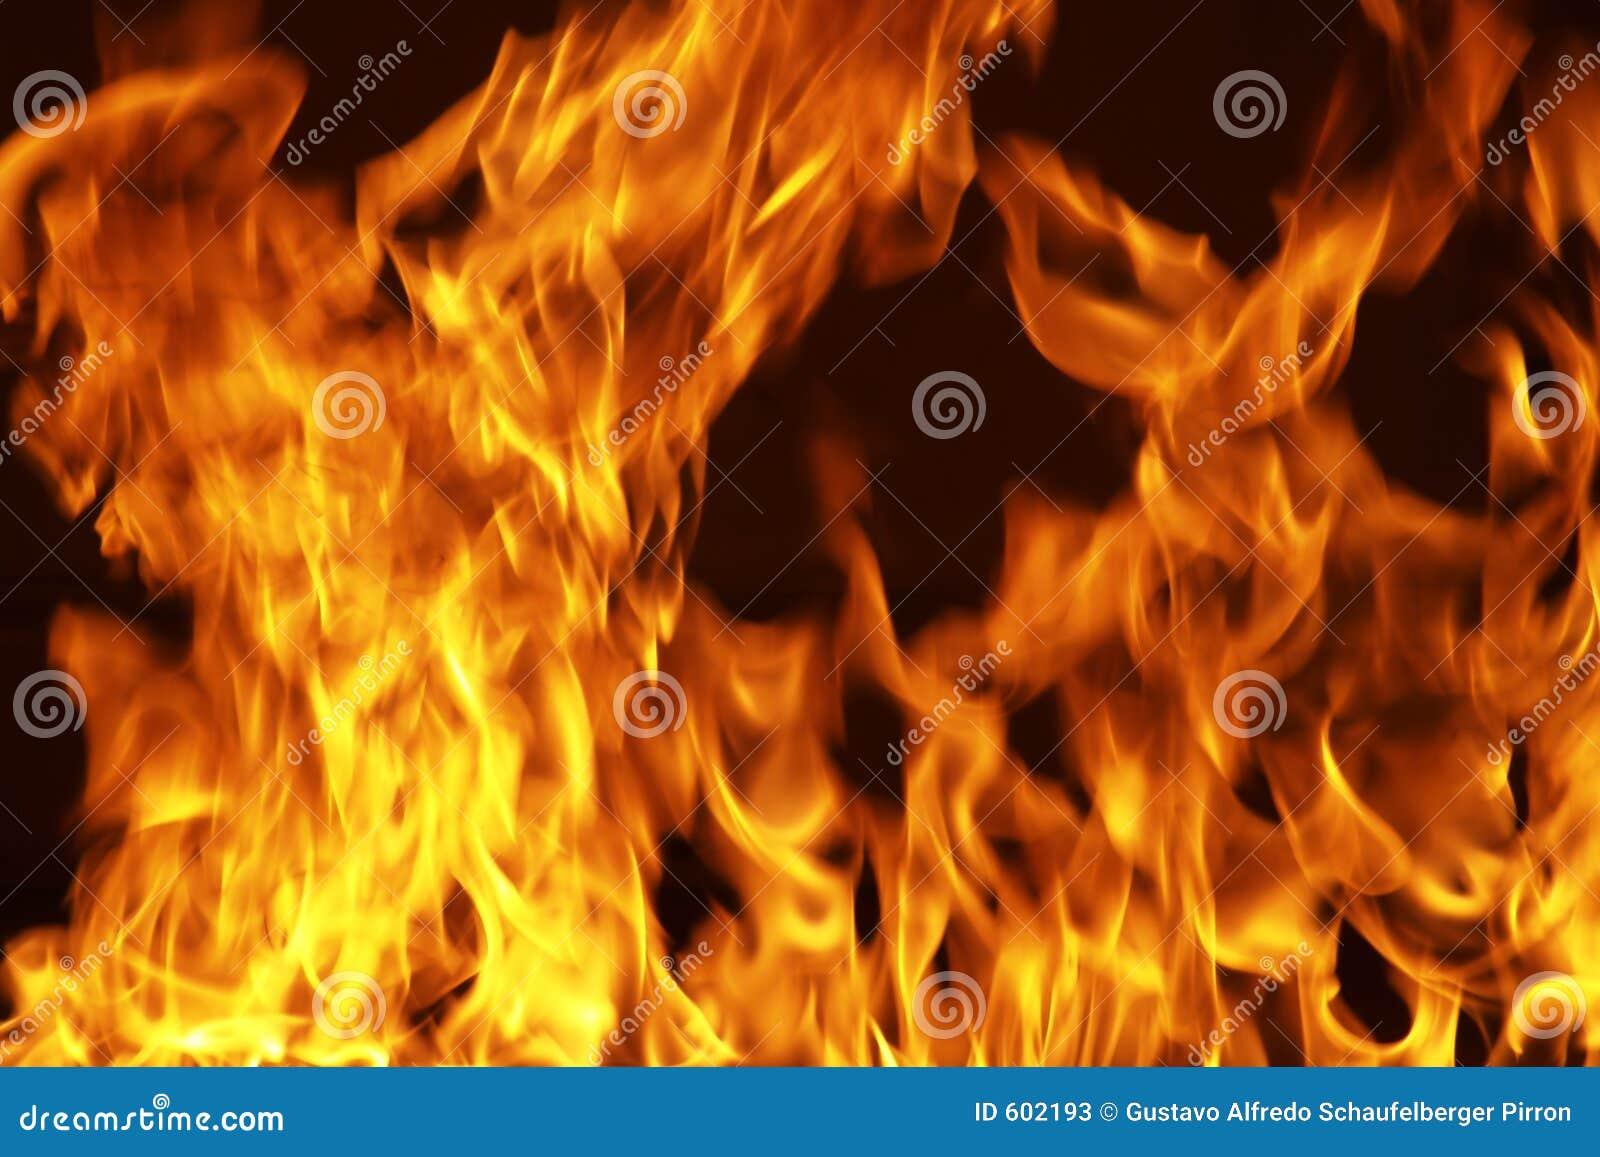 Fire15 jpg